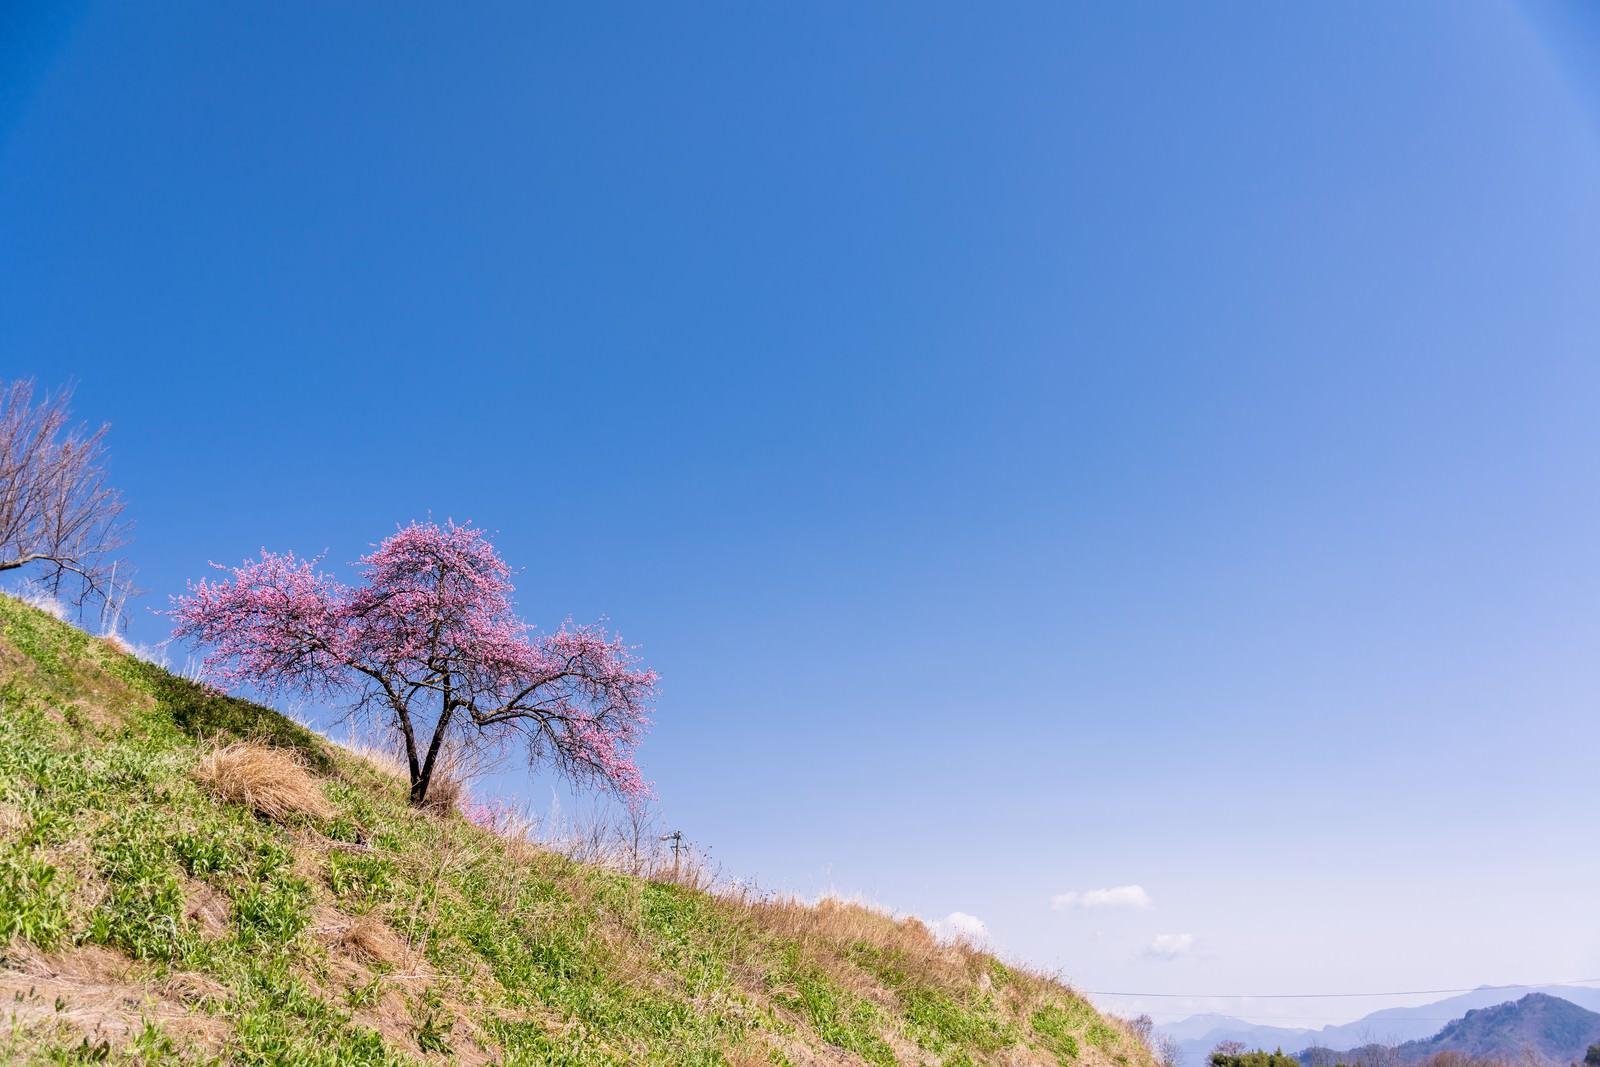 「青空と余里のハナモモ」の写真